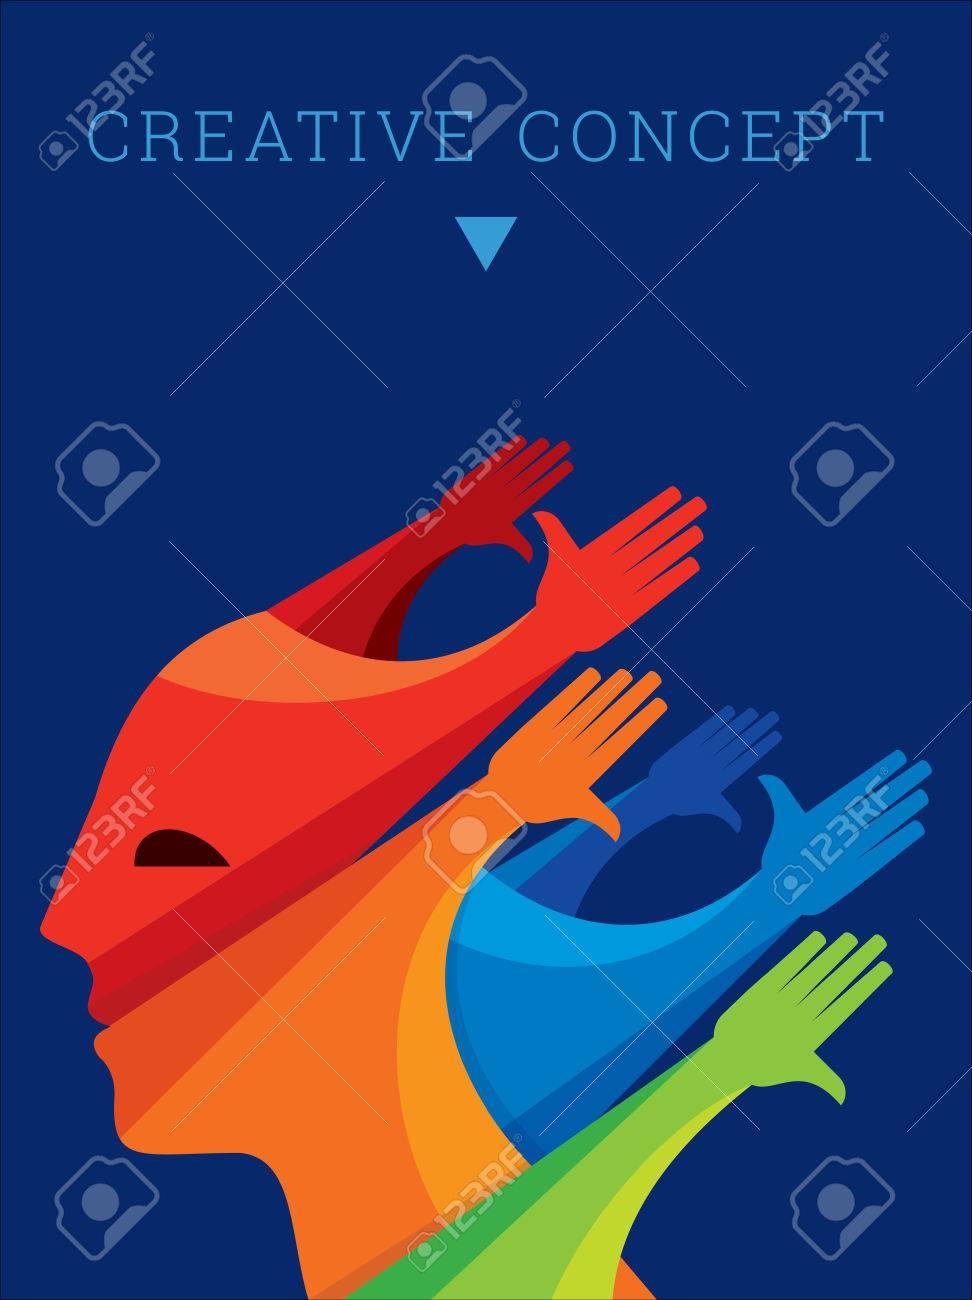 Teamwork People, Holding hands. Design for teamwork concept illustration - 62247540